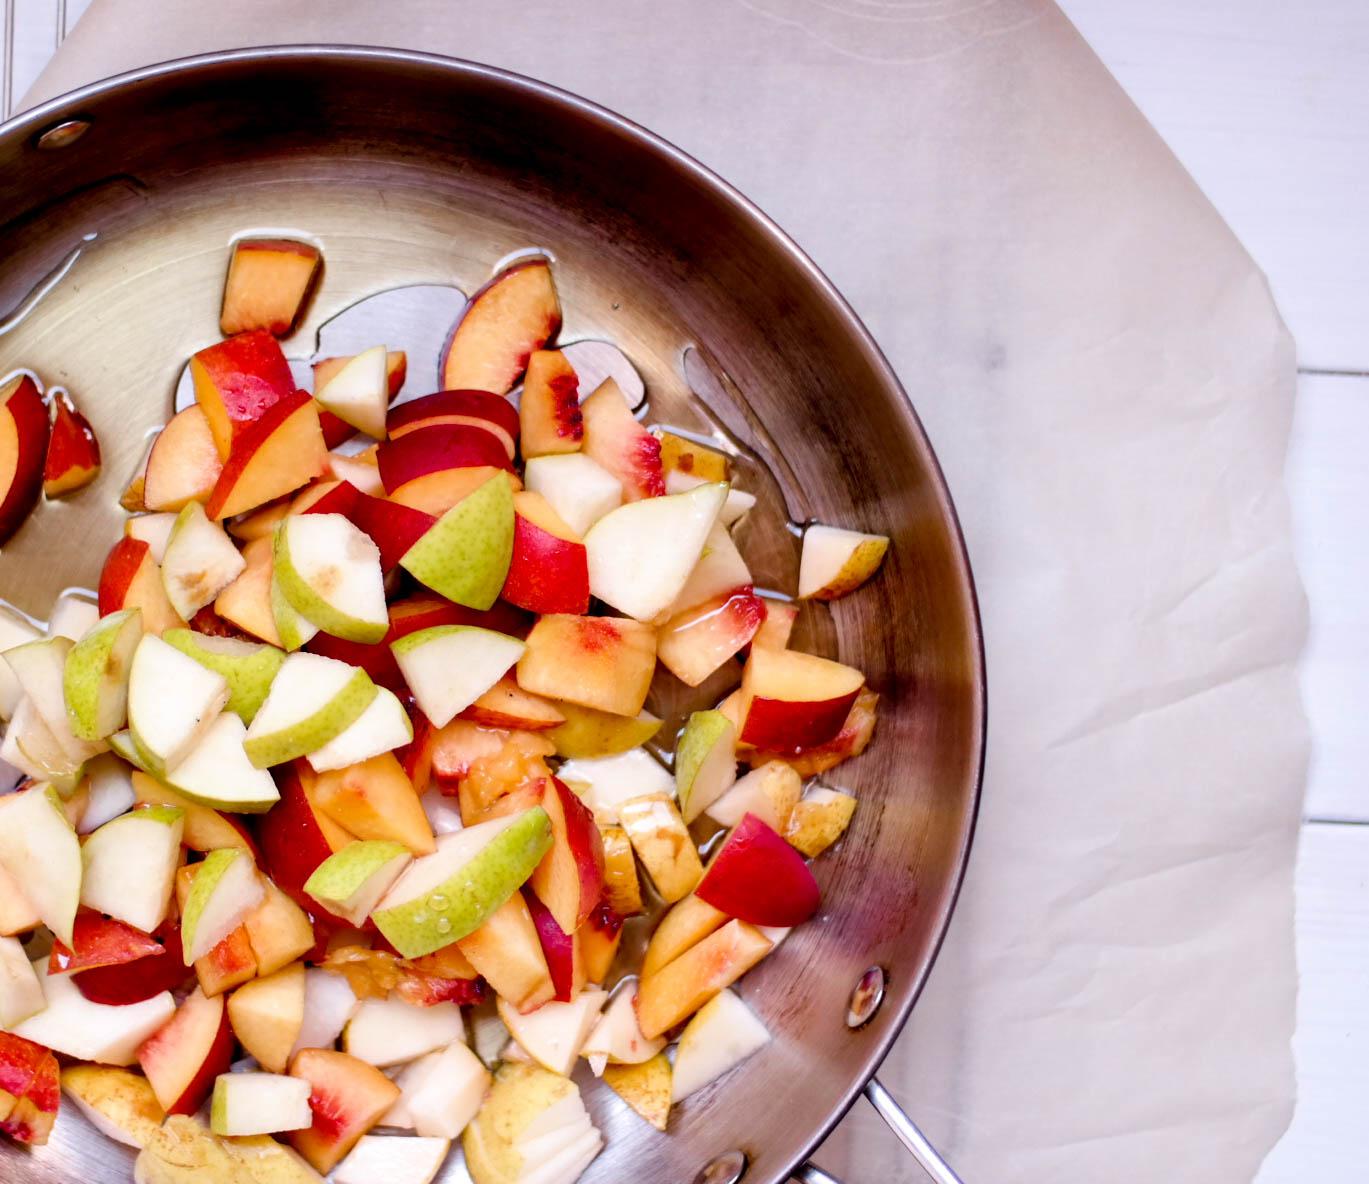 2-Nectarine-and-Pear-Crumble | www.8thandlake.com